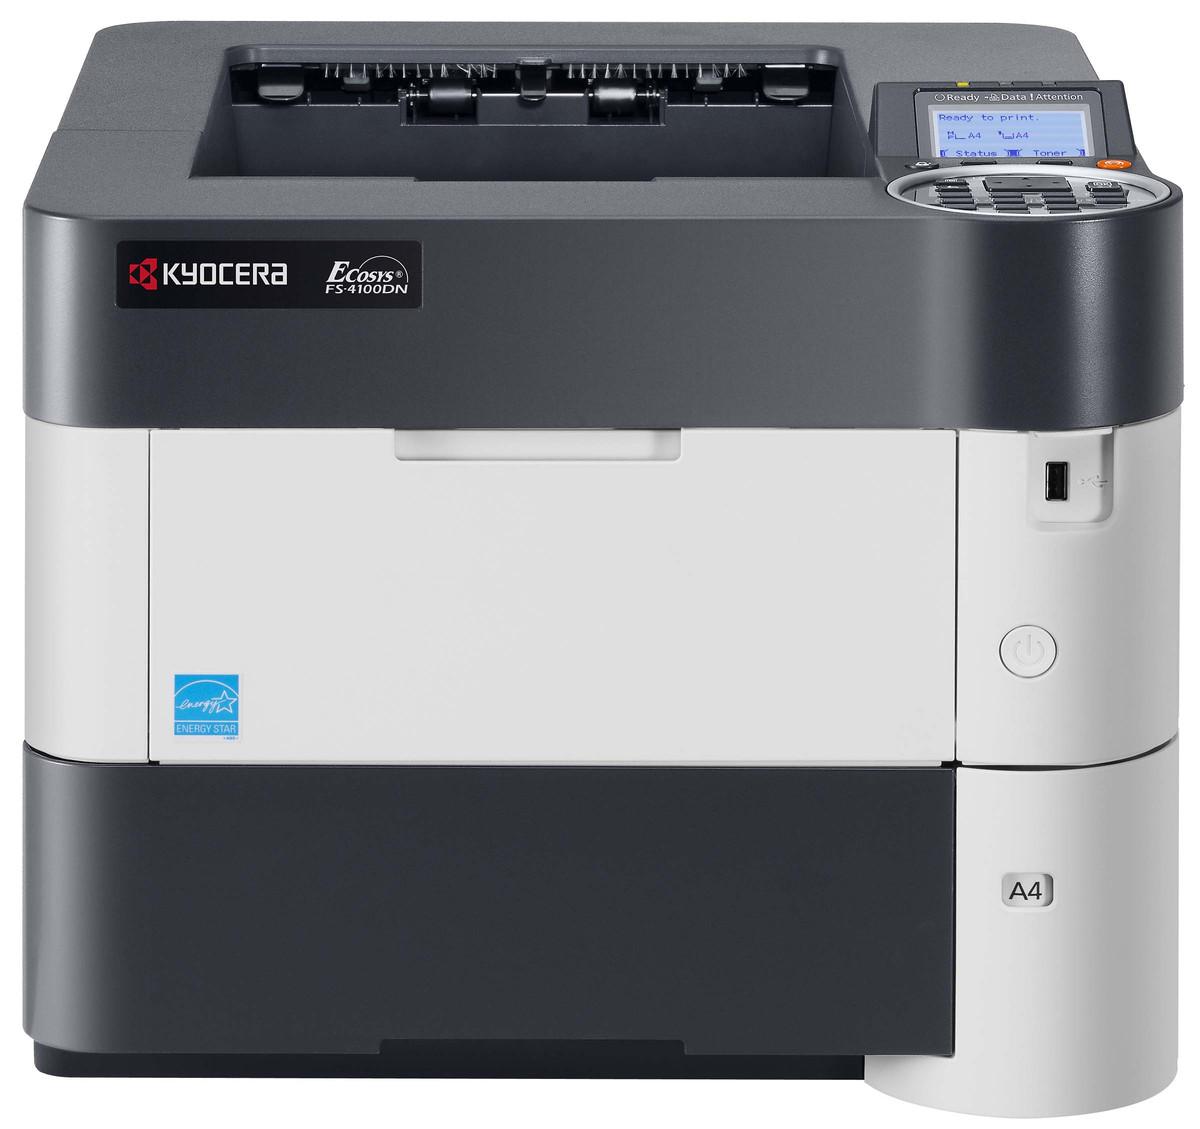 Kyocera FS4100dn Laser Printer